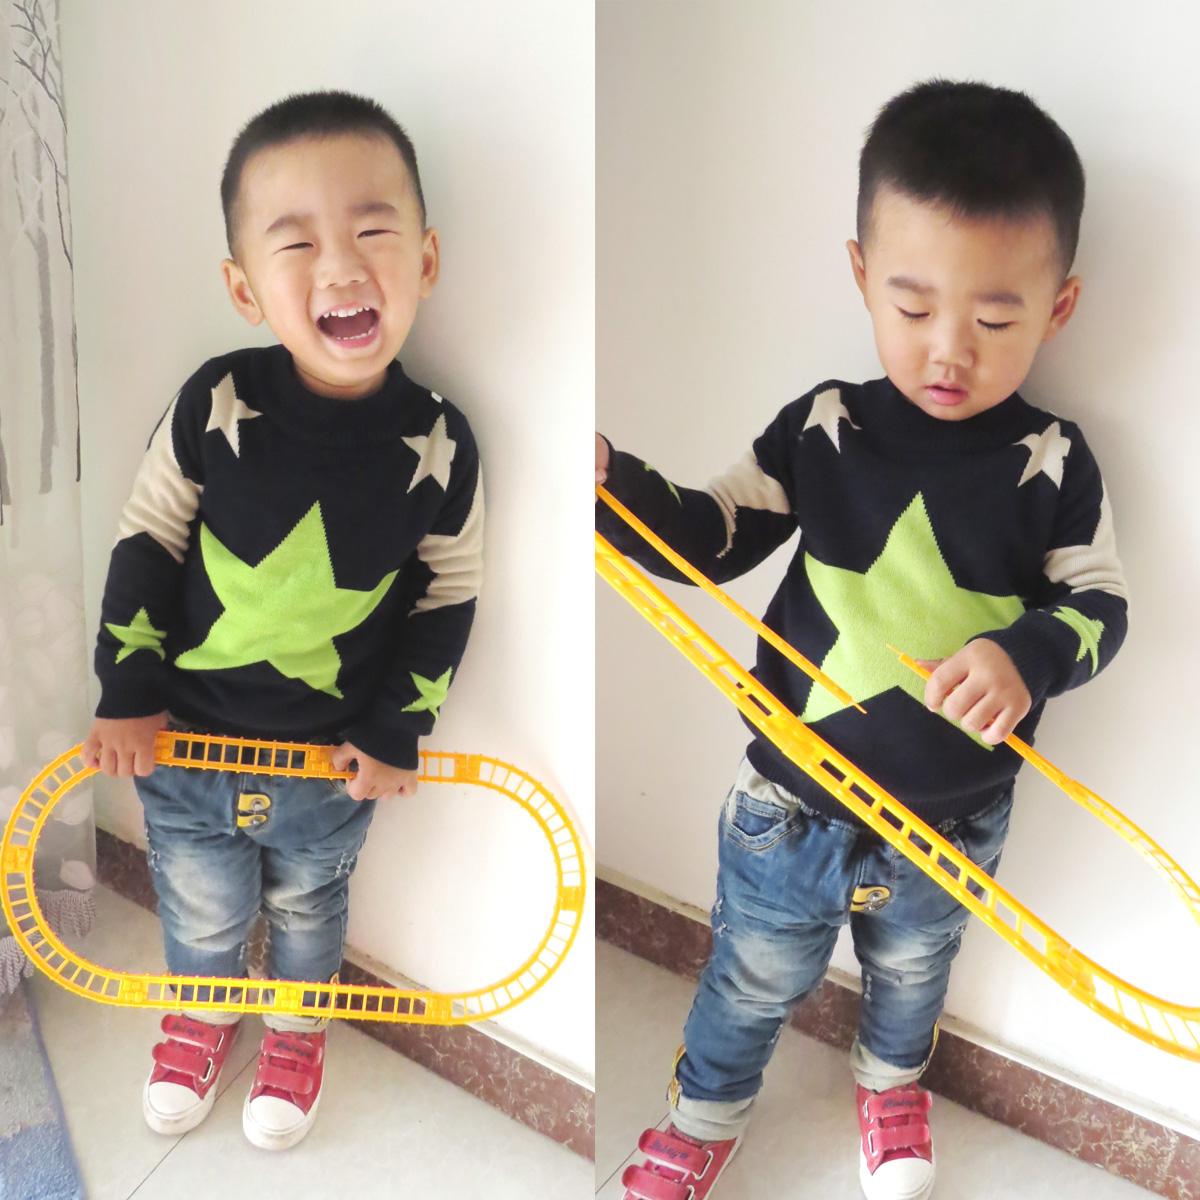 童装2014冬装新款男童羊绒衫加厚加绒打底衫宝宝儿童星星毛衣韩版